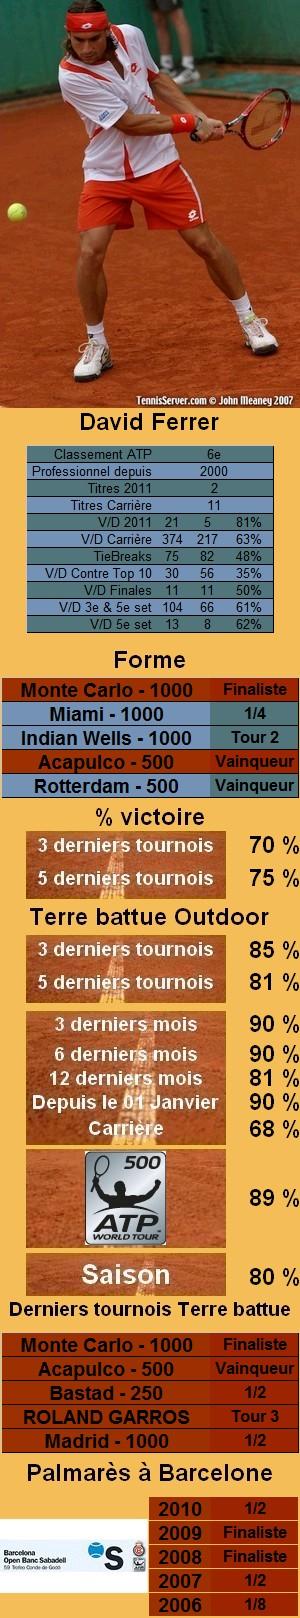 Les statistiques tennis de David Ferrer pour le tournoi de Barcelone